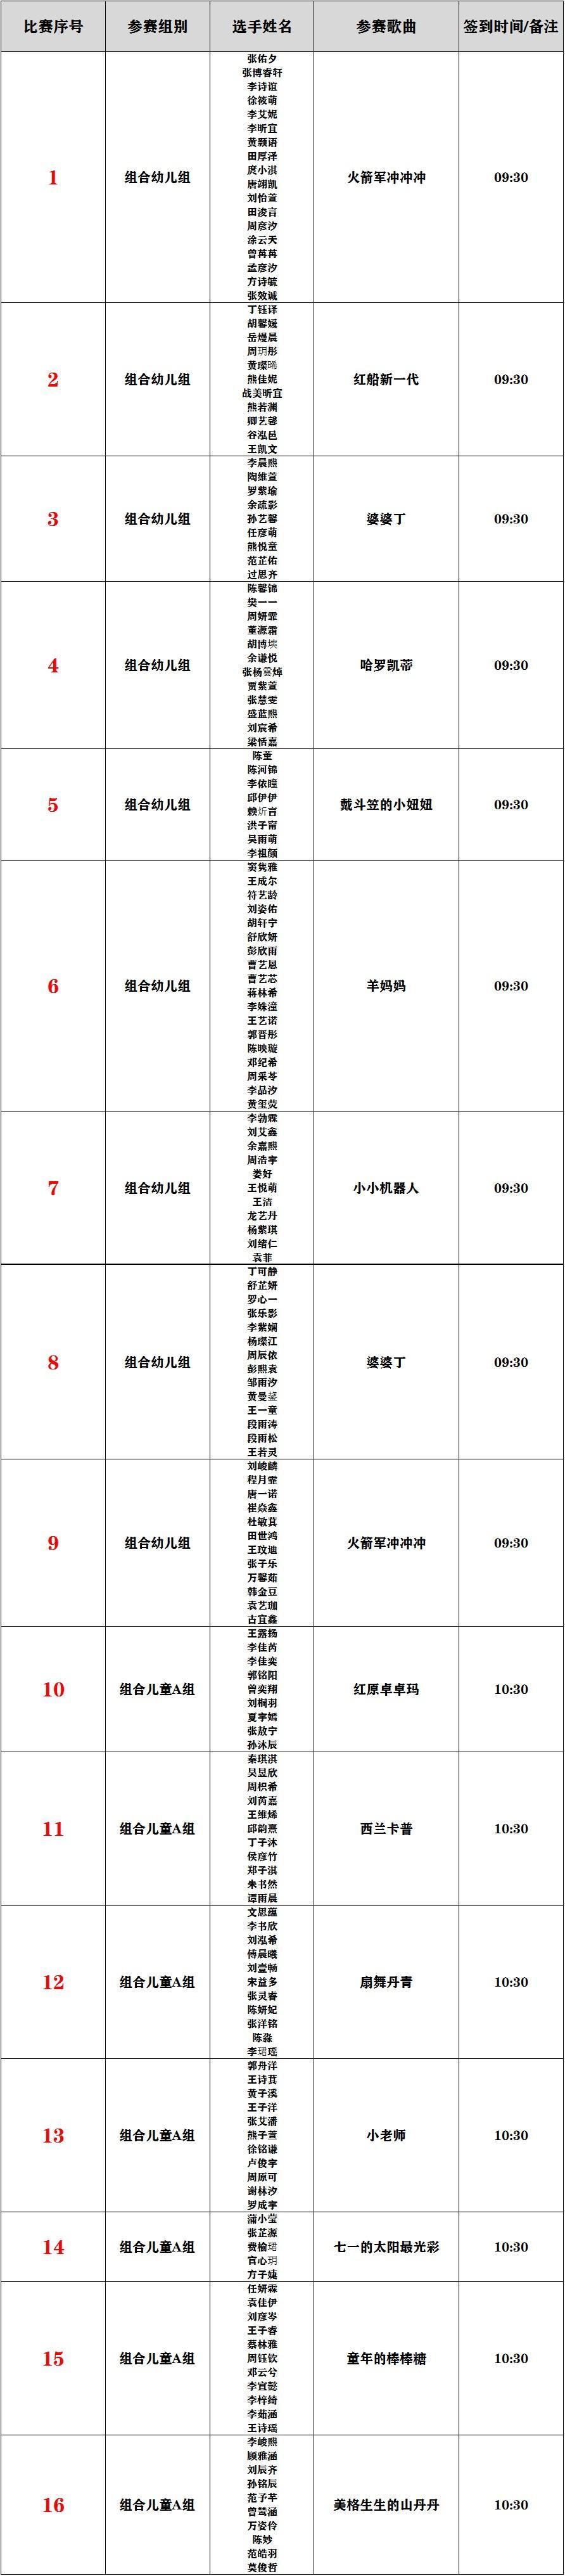 2021第17届快乐阳光全国少歌赛【重庆赛区】复赛比赛通知 第25张